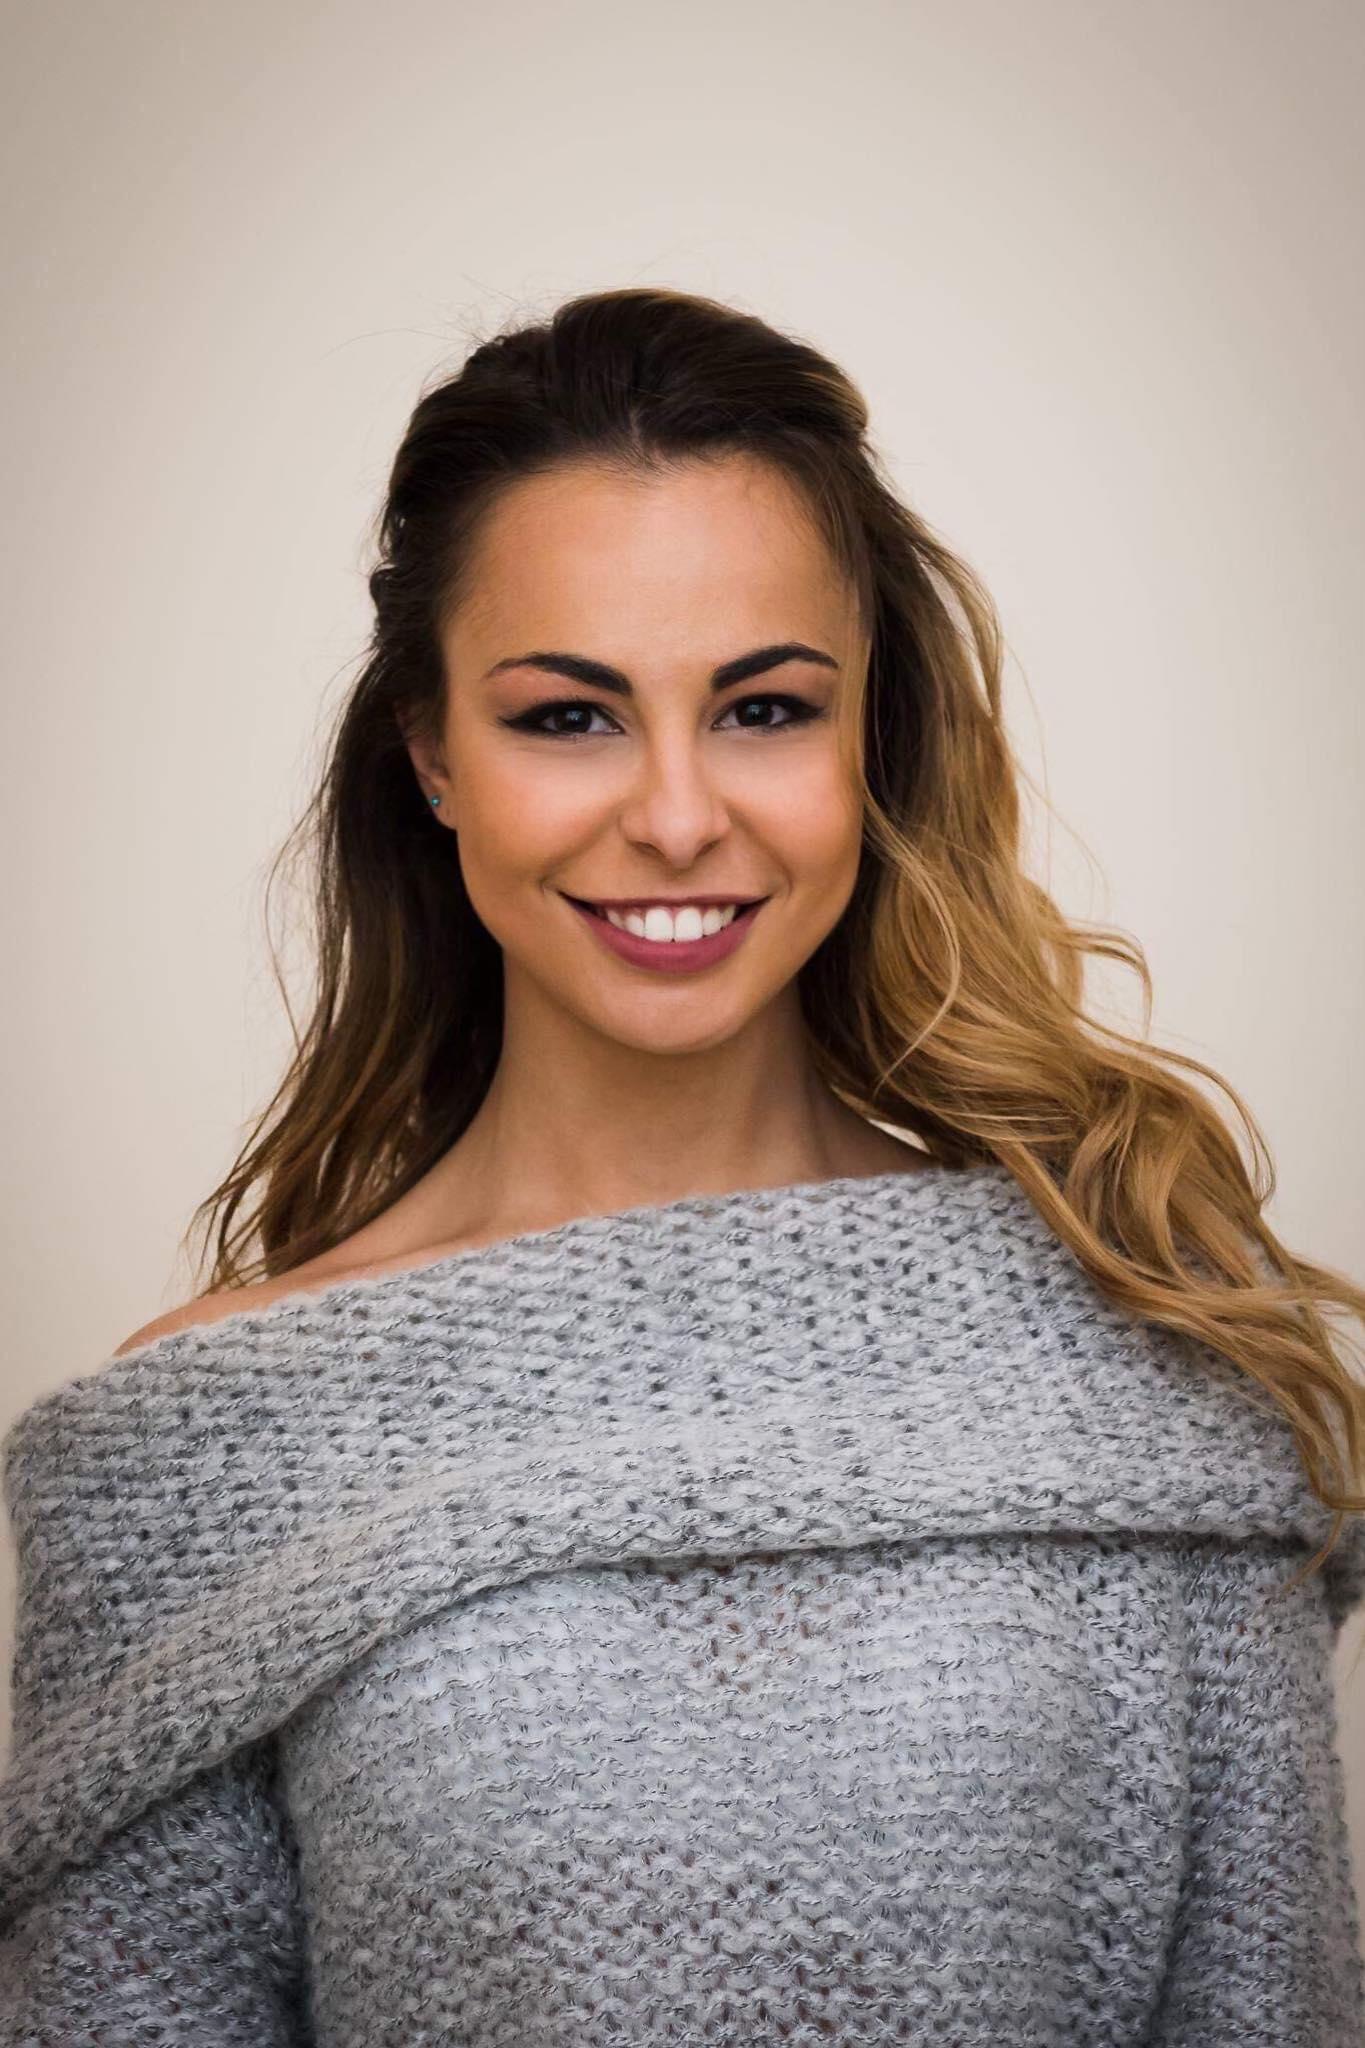 Kristina Kutsarova